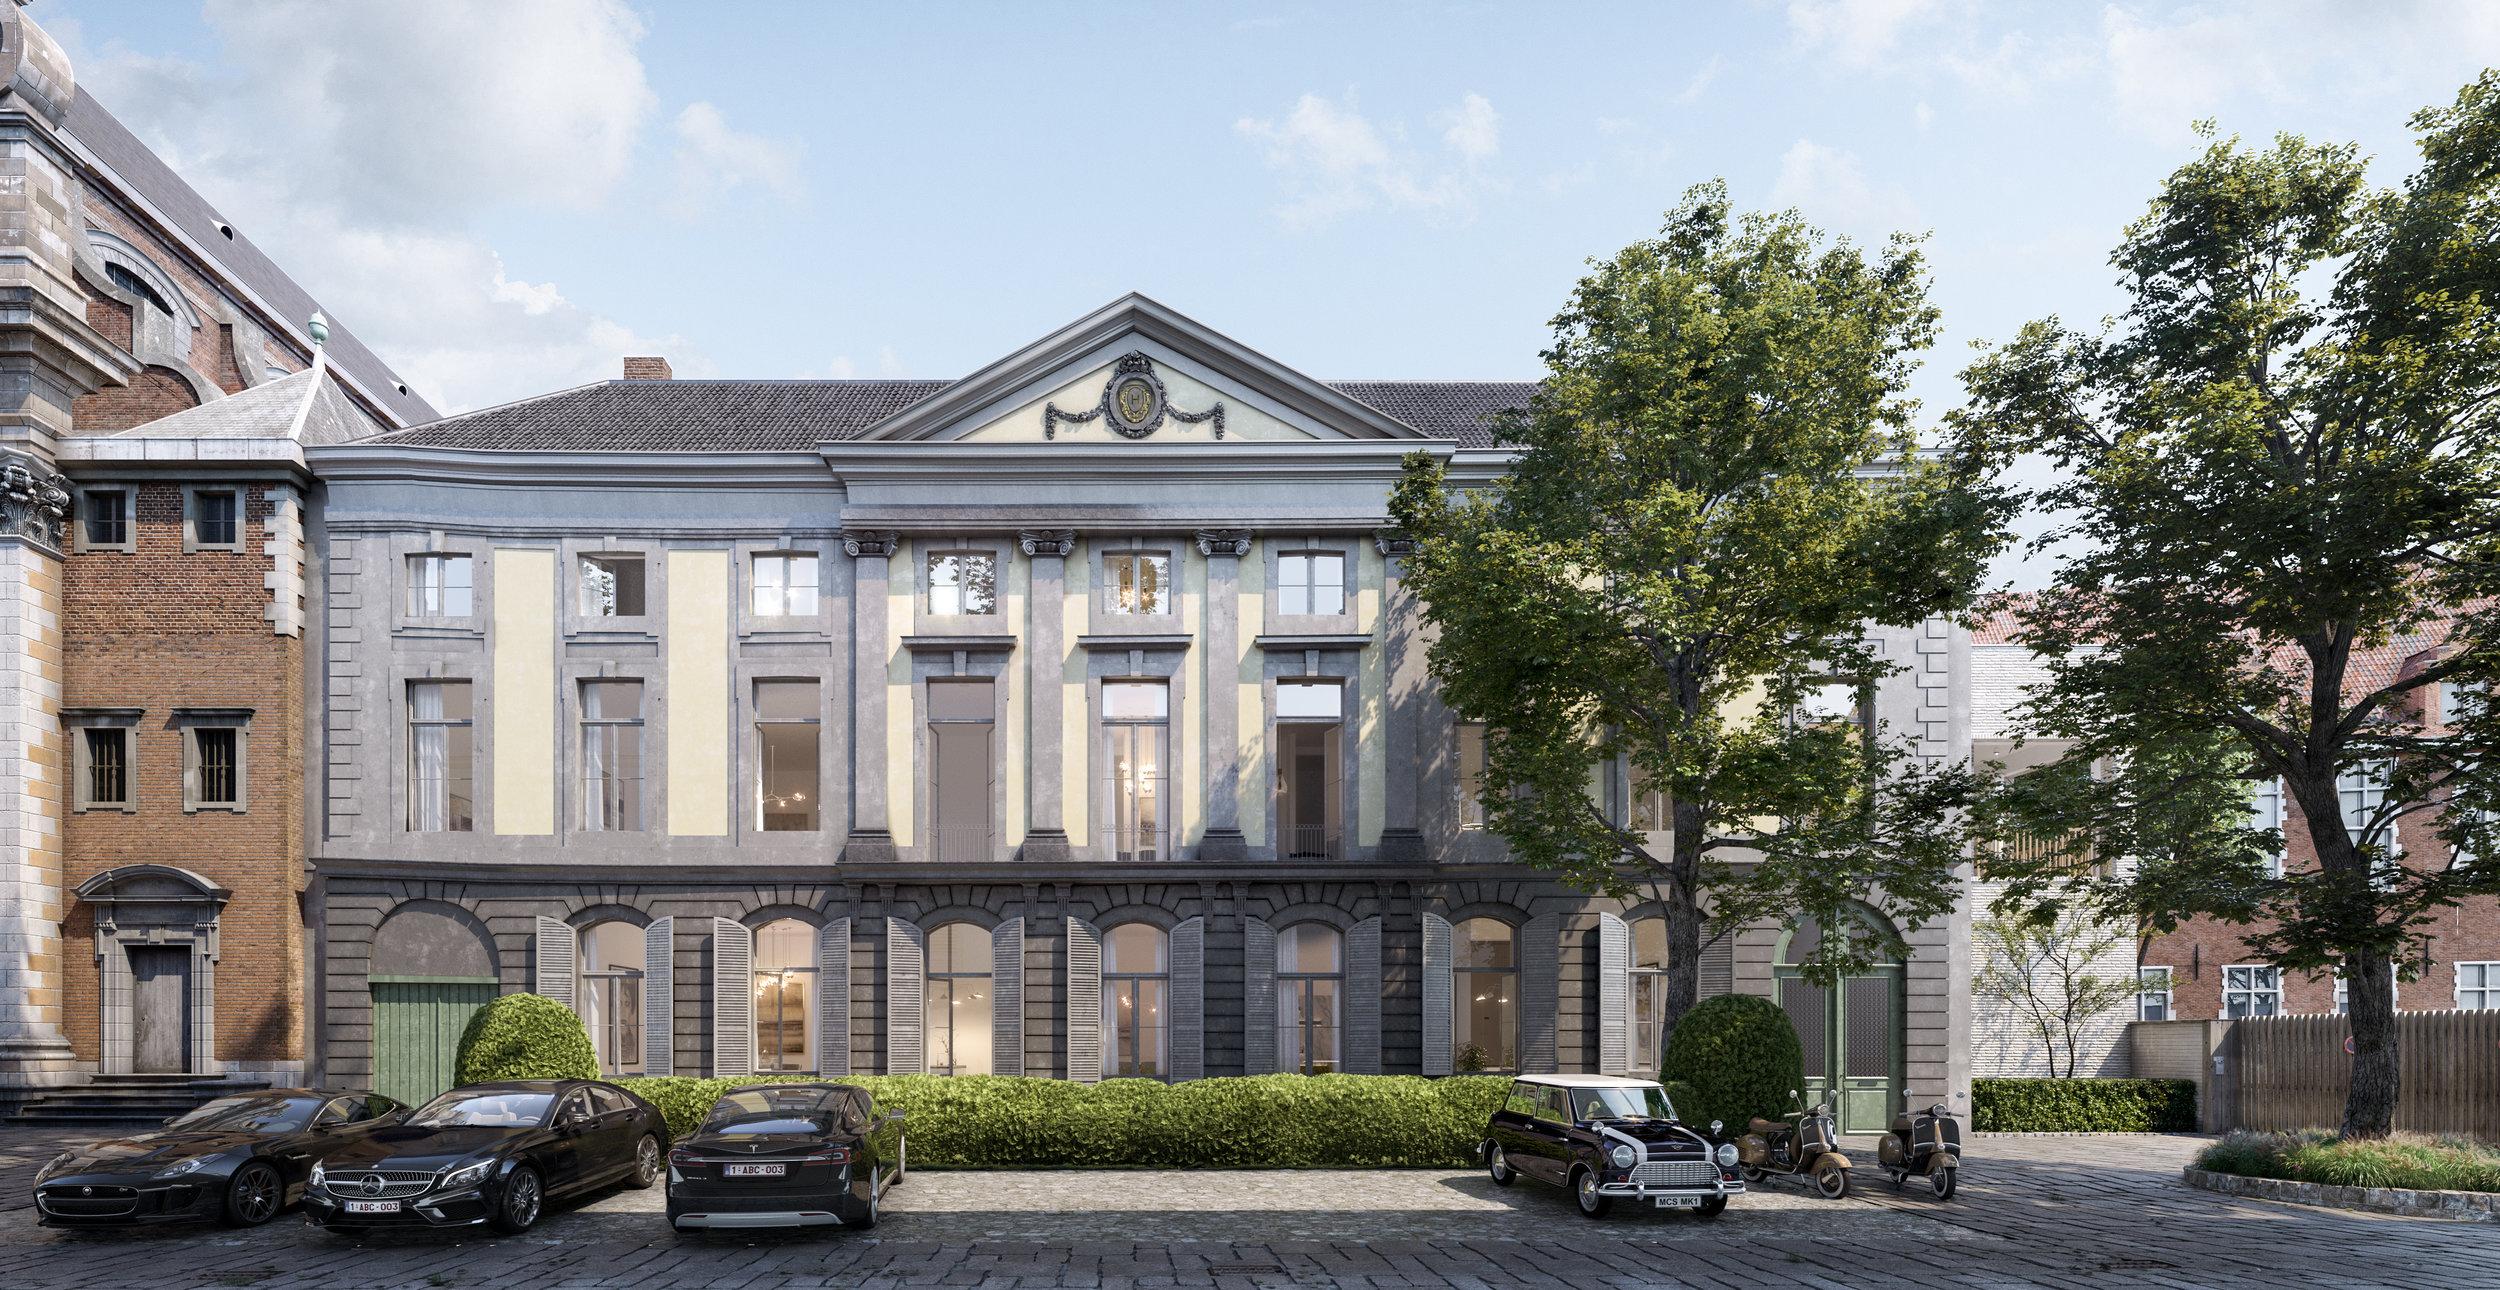 Huis van Hamme - Monumentaal wonen in een stadspaleis